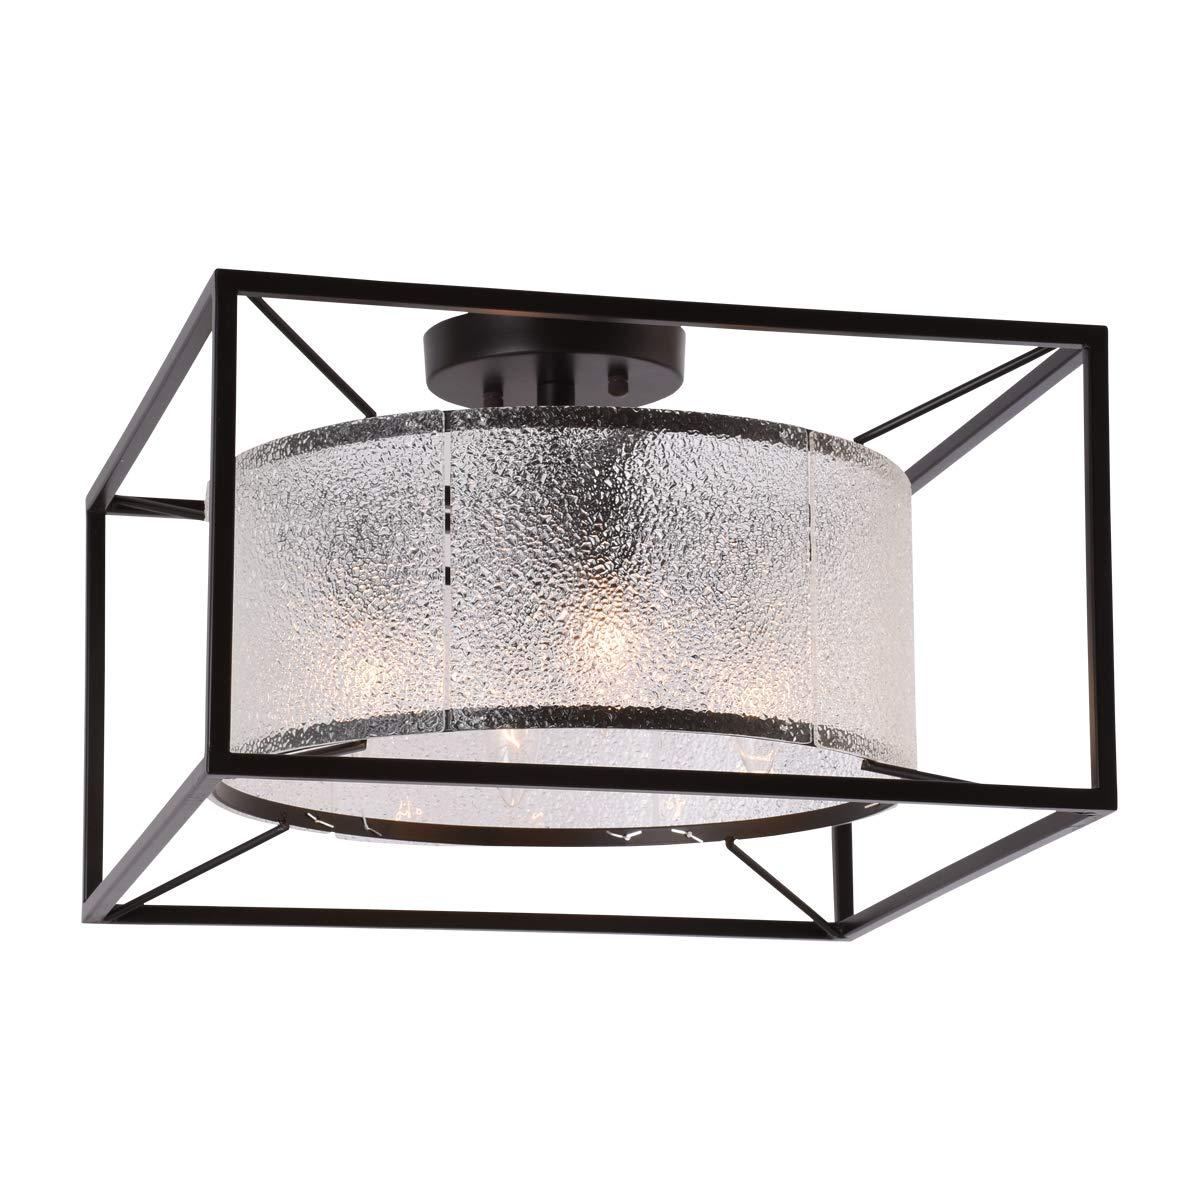 Alice House 天井ライト 16.5インチ 4ライト セミフラッシュマウント ブラウン仕上げ ダイヤモンドガラス 照明器具 キッチン ダイニングルーム 玄関 寝室 廊下 AL8061-S4 B07H6JXGPL